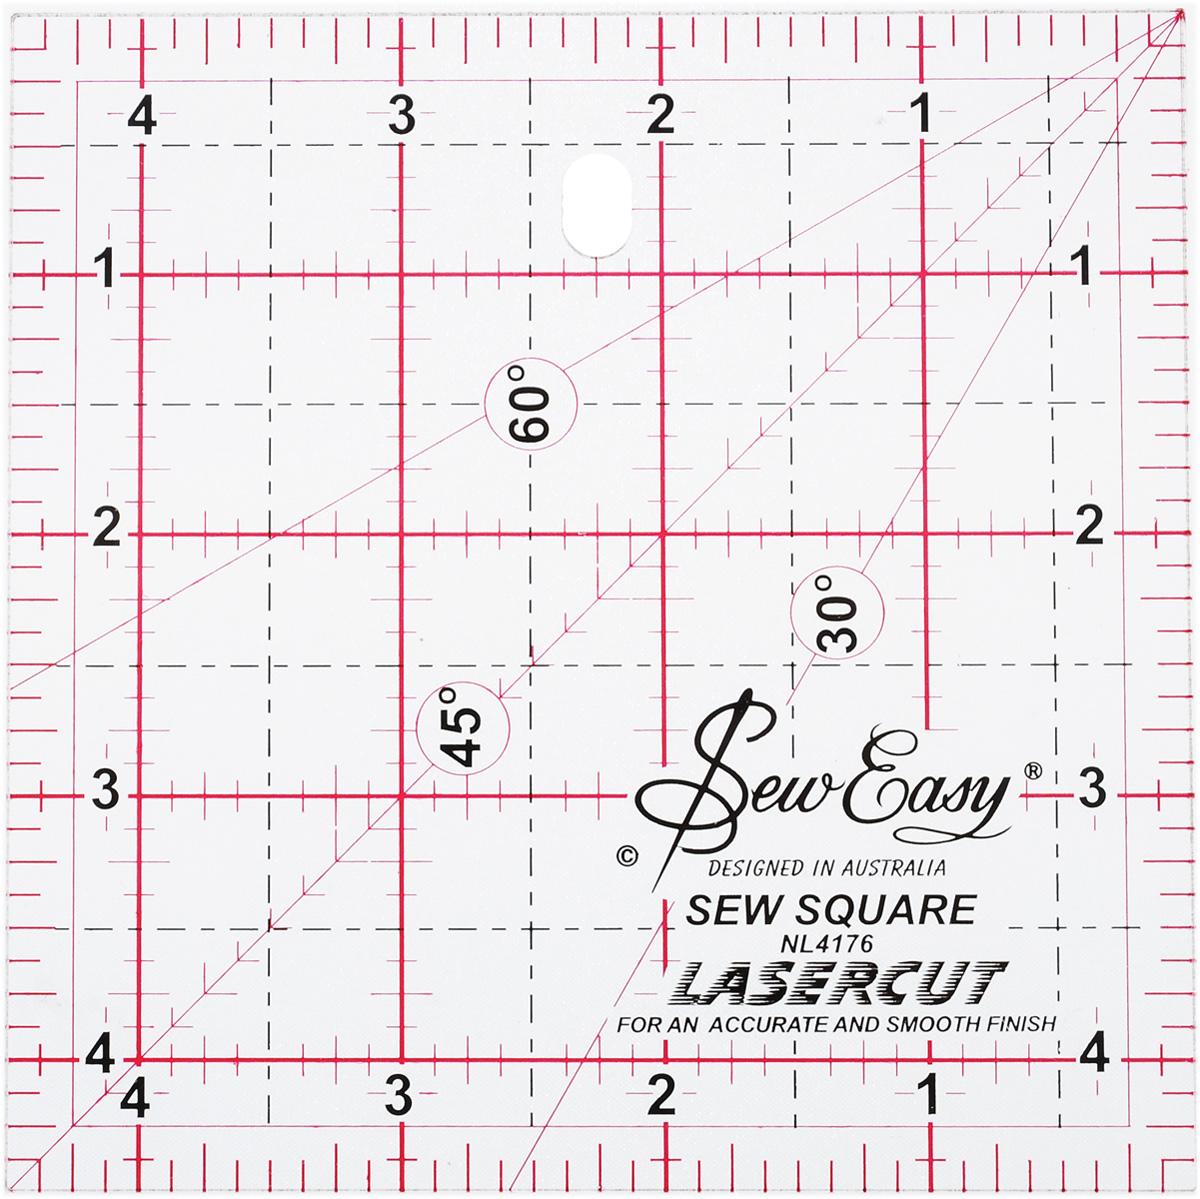 Линейка для пэчворка Hemline, с градацией в дюймах, 4 1/2 x 4 1/2 (11,46 х 11,46 см)NL4176Линейка для пэчворка Hemline квадратной формы используется для разметки и раскроя блоков для миниатюрных квилтов. Линии разметки под 30°, 45° и 60° позволяют размечать соединения под скос и треугольники. Изделие имеет градацию в дюймах. Прочный акрил обладает большим сроком службы, а лазерный срез края позволяет делать ровные аккуратные линии. Улучшенная двухцветная разметка со всеми необходимыми размерами делает использование простым и удобным. Размер (в дюймах): 4 1/2 x 4 1/2.